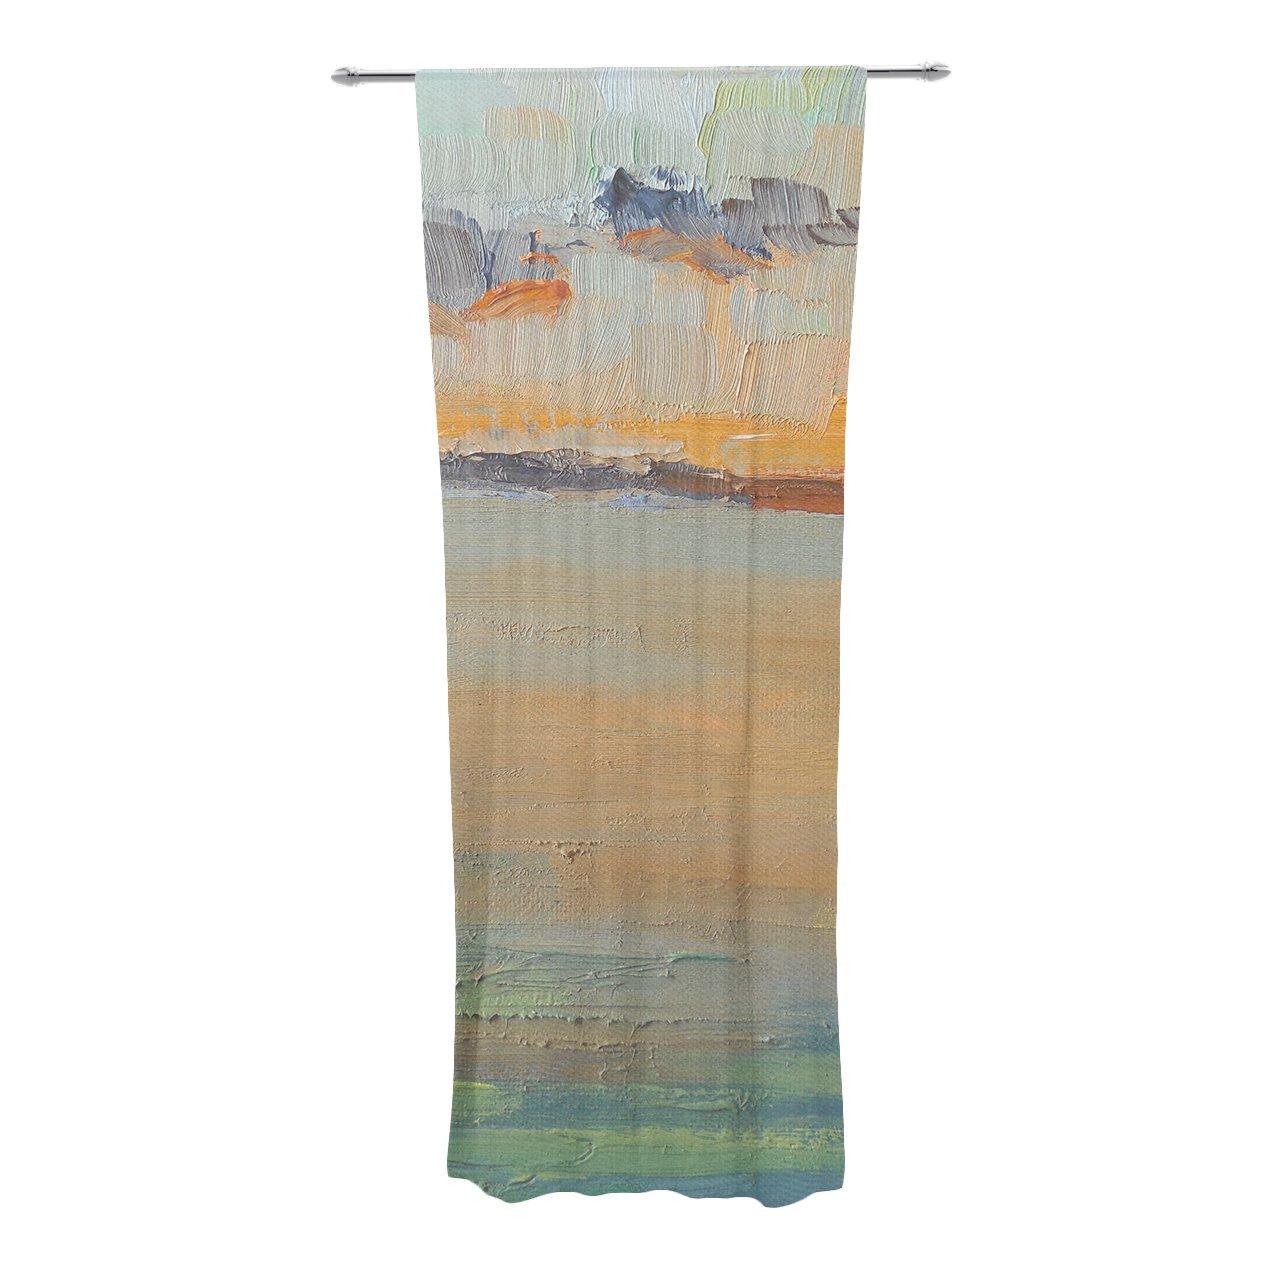 Kess InHouse Bruce Stanfield Ambient #1 Teal Digital Decorative Door 2 x 3 Floor Mat